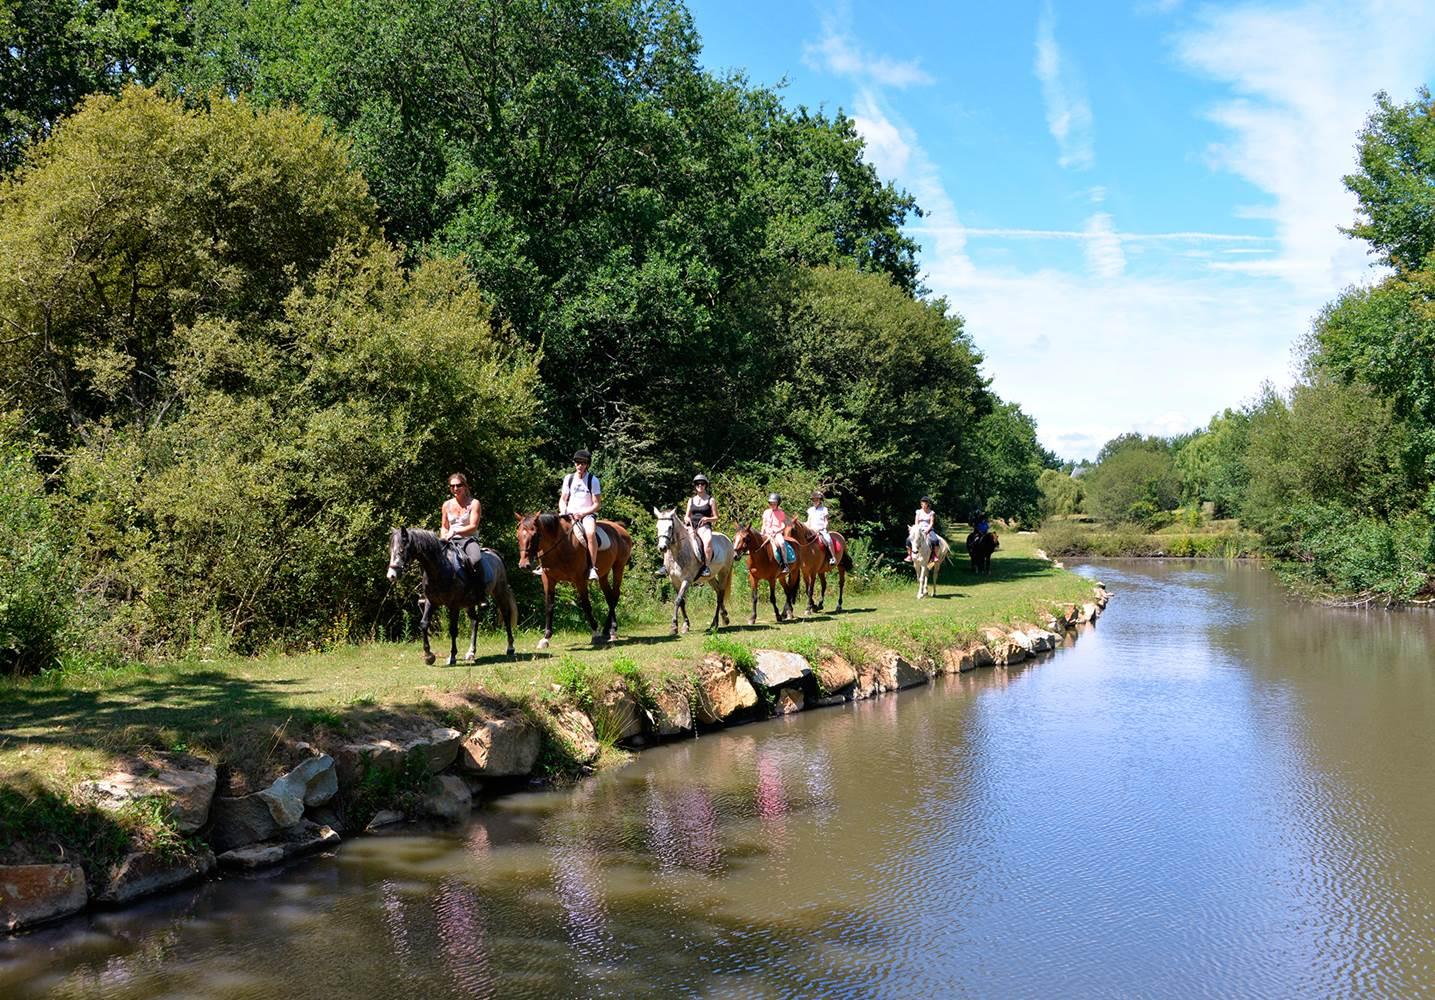 Balades à poney ou à cheval au Centre équestre sur place ©